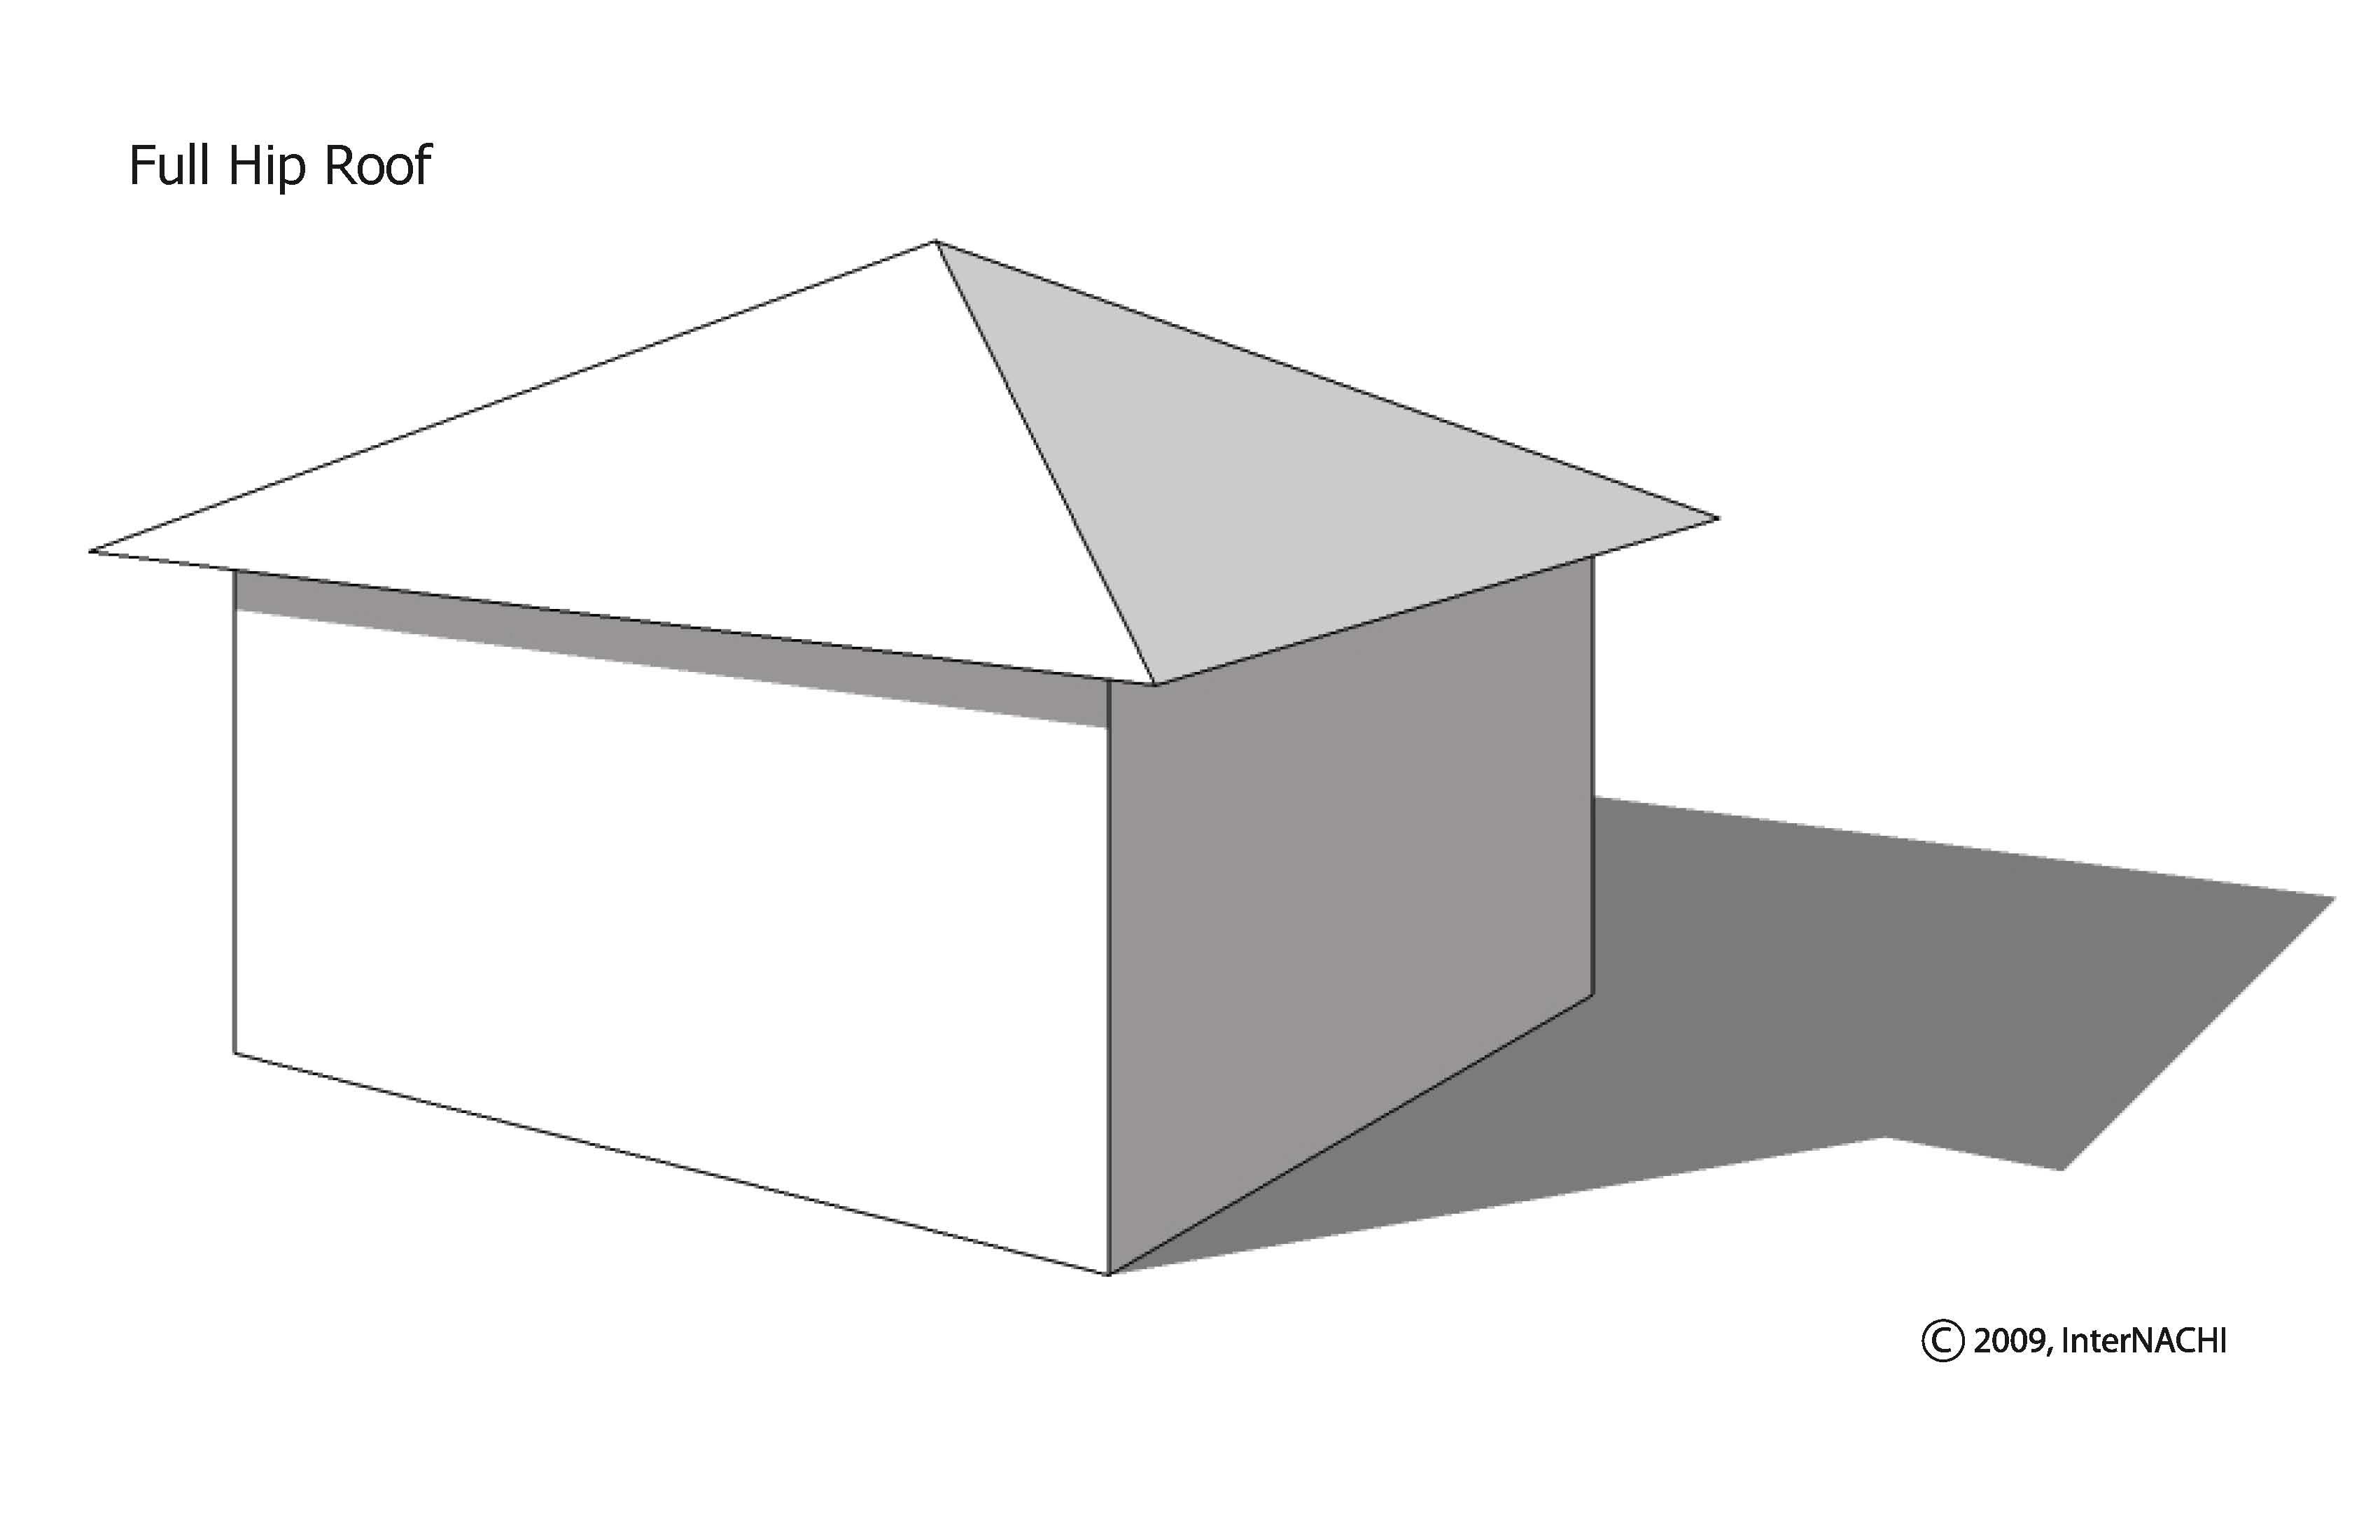 Full hip roof.